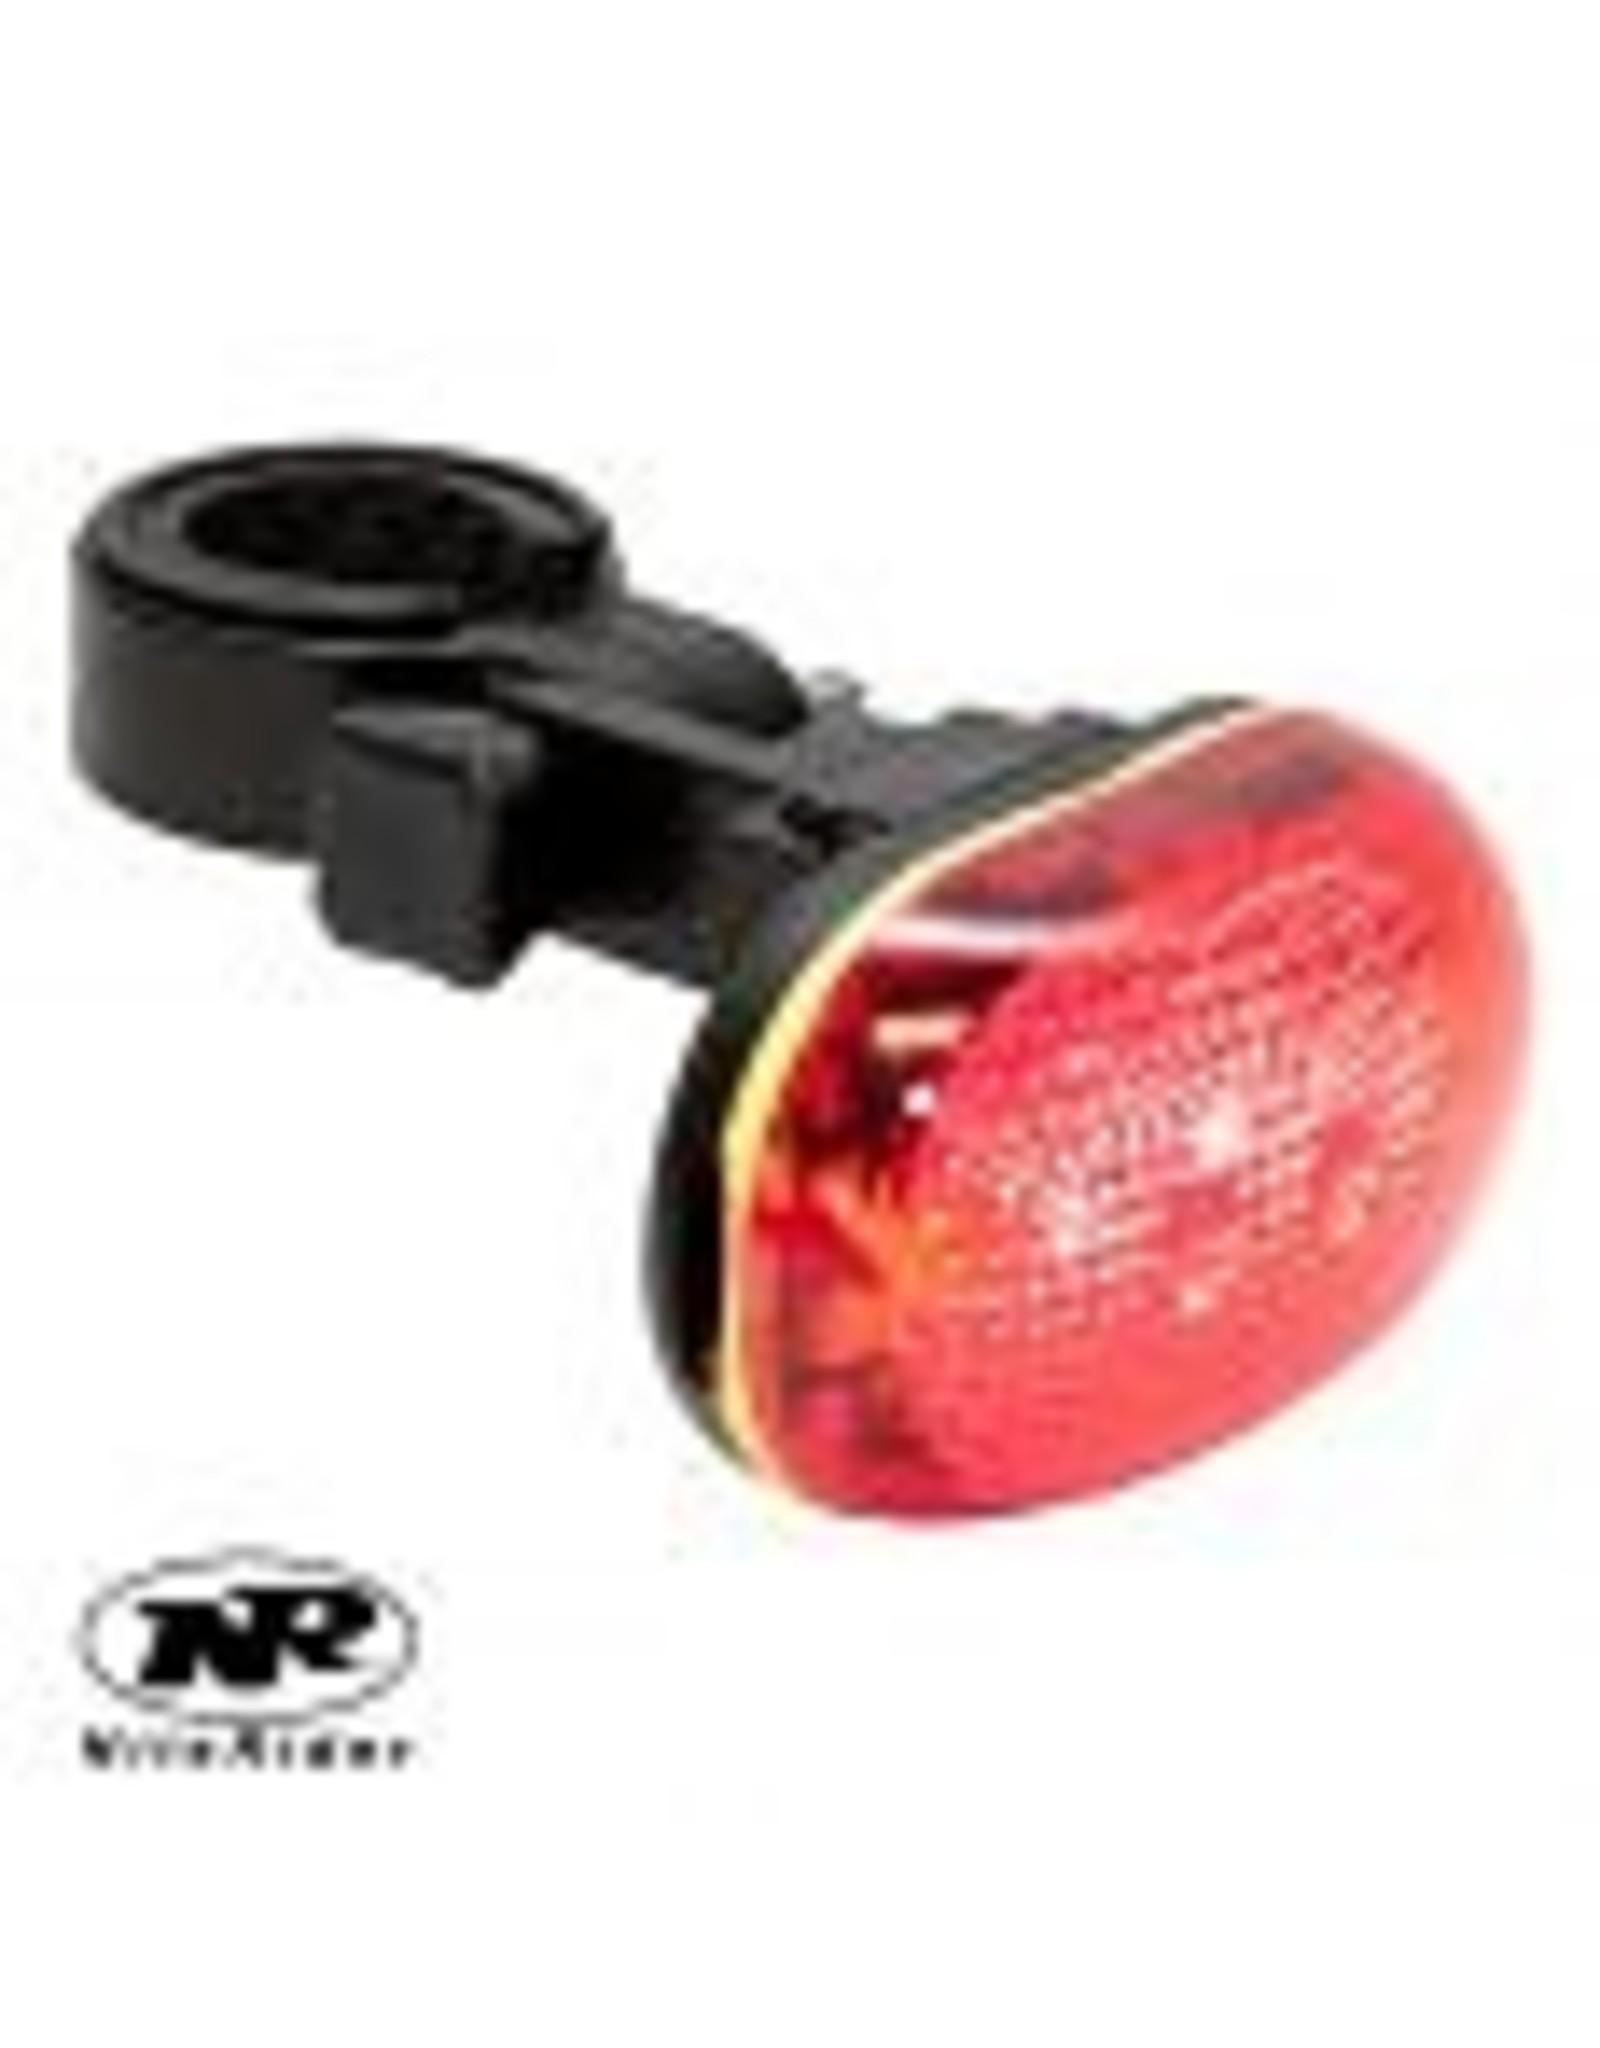 NiteRider TL 5.0 SL Rear Tail Light